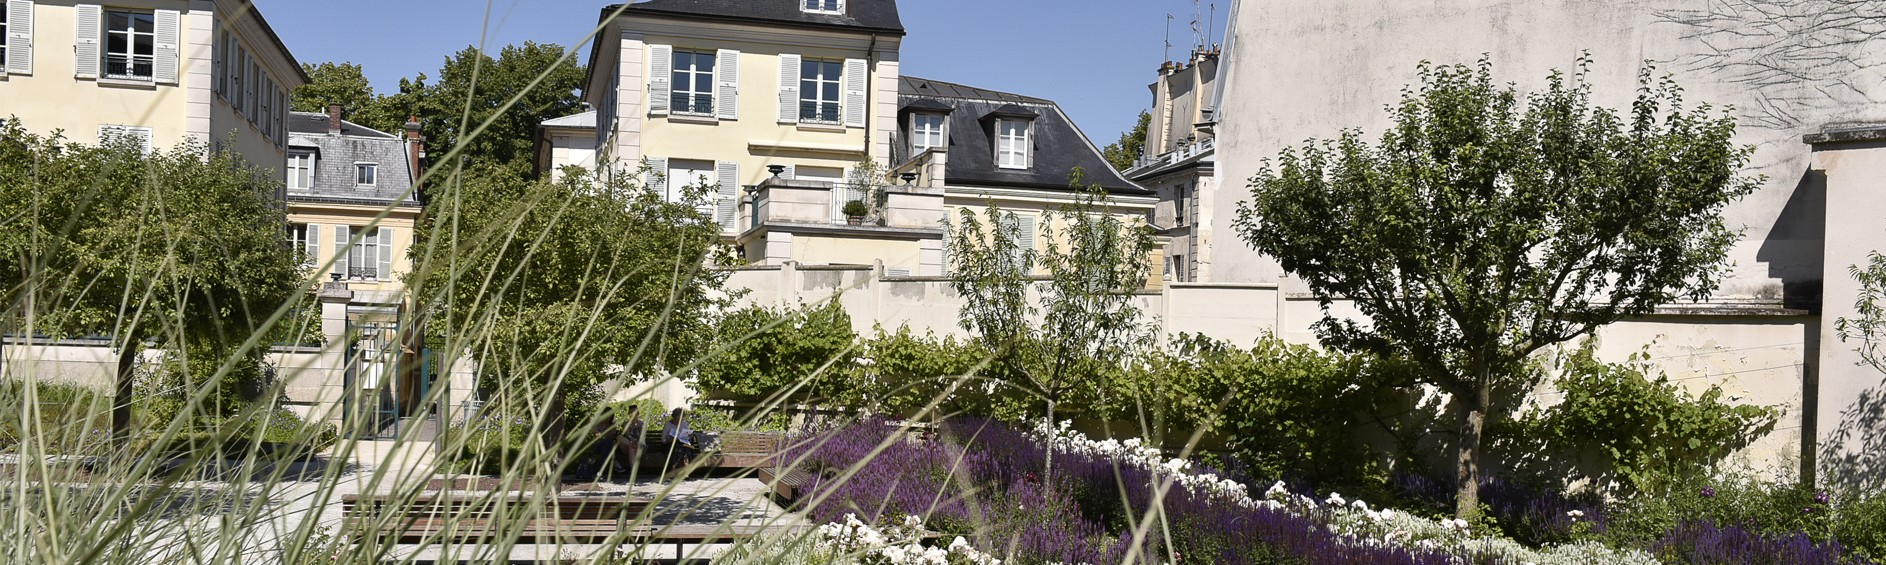 Court of scents in Versailles